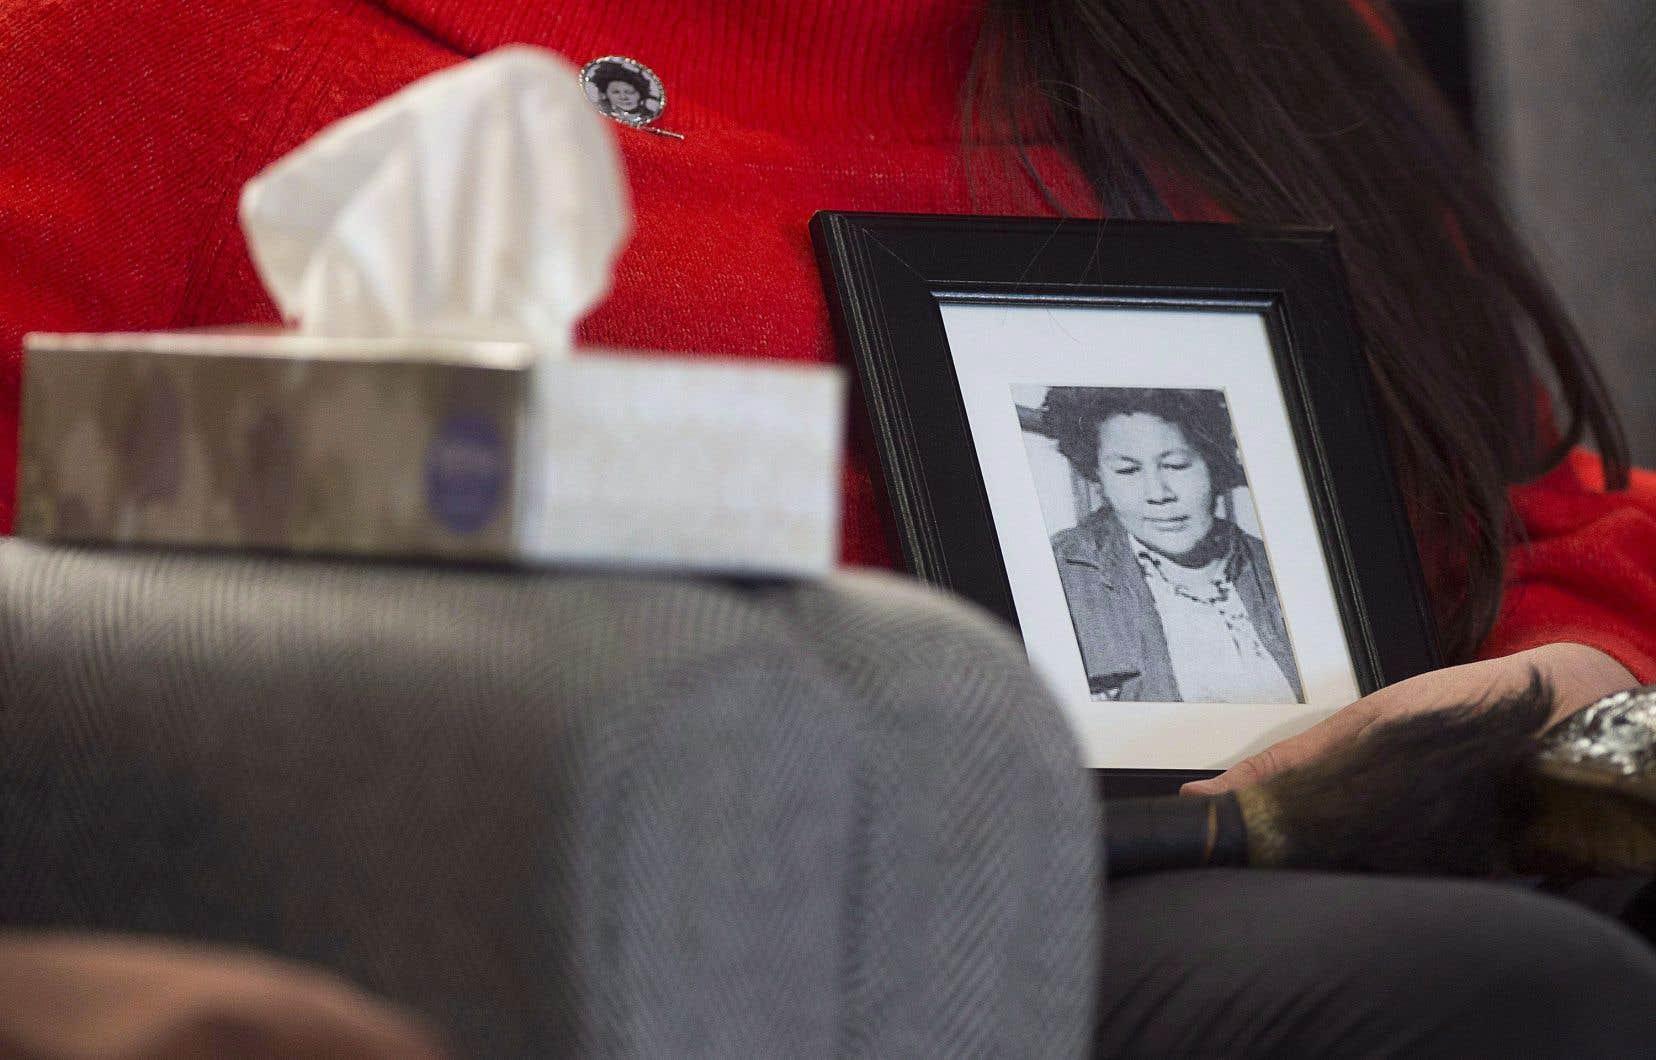 L'Enquête nationale sur les femmes et les filles autochtones disparues et assassinées est la première véritable commission d'enquête nationale de l'histoire du pays.